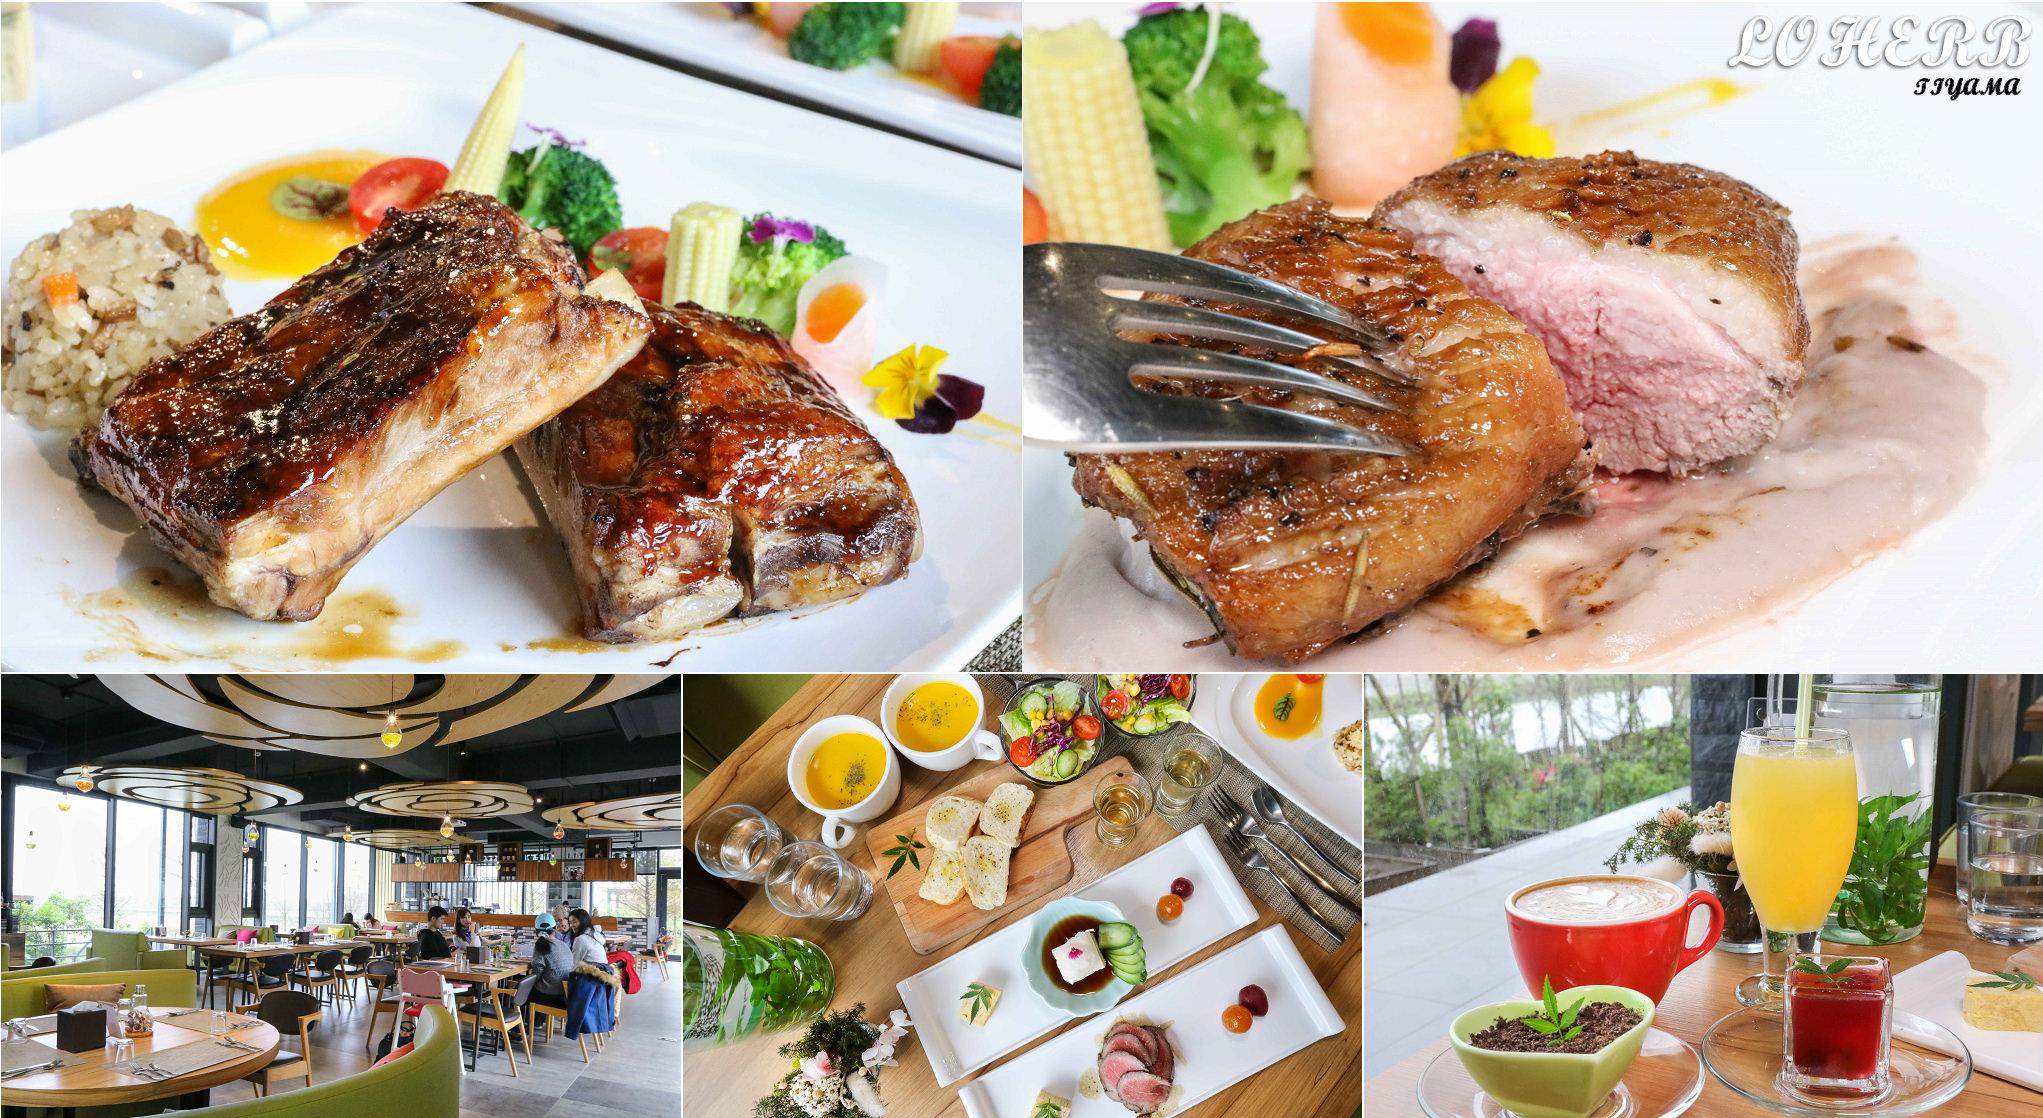 宜蘭優質餐廳|日光私廚:吃進健康也能吃得到美味,純粹食材、繽紛食藝,景觀庭院西餐廳 @緹雅瑪 美食旅遊趣